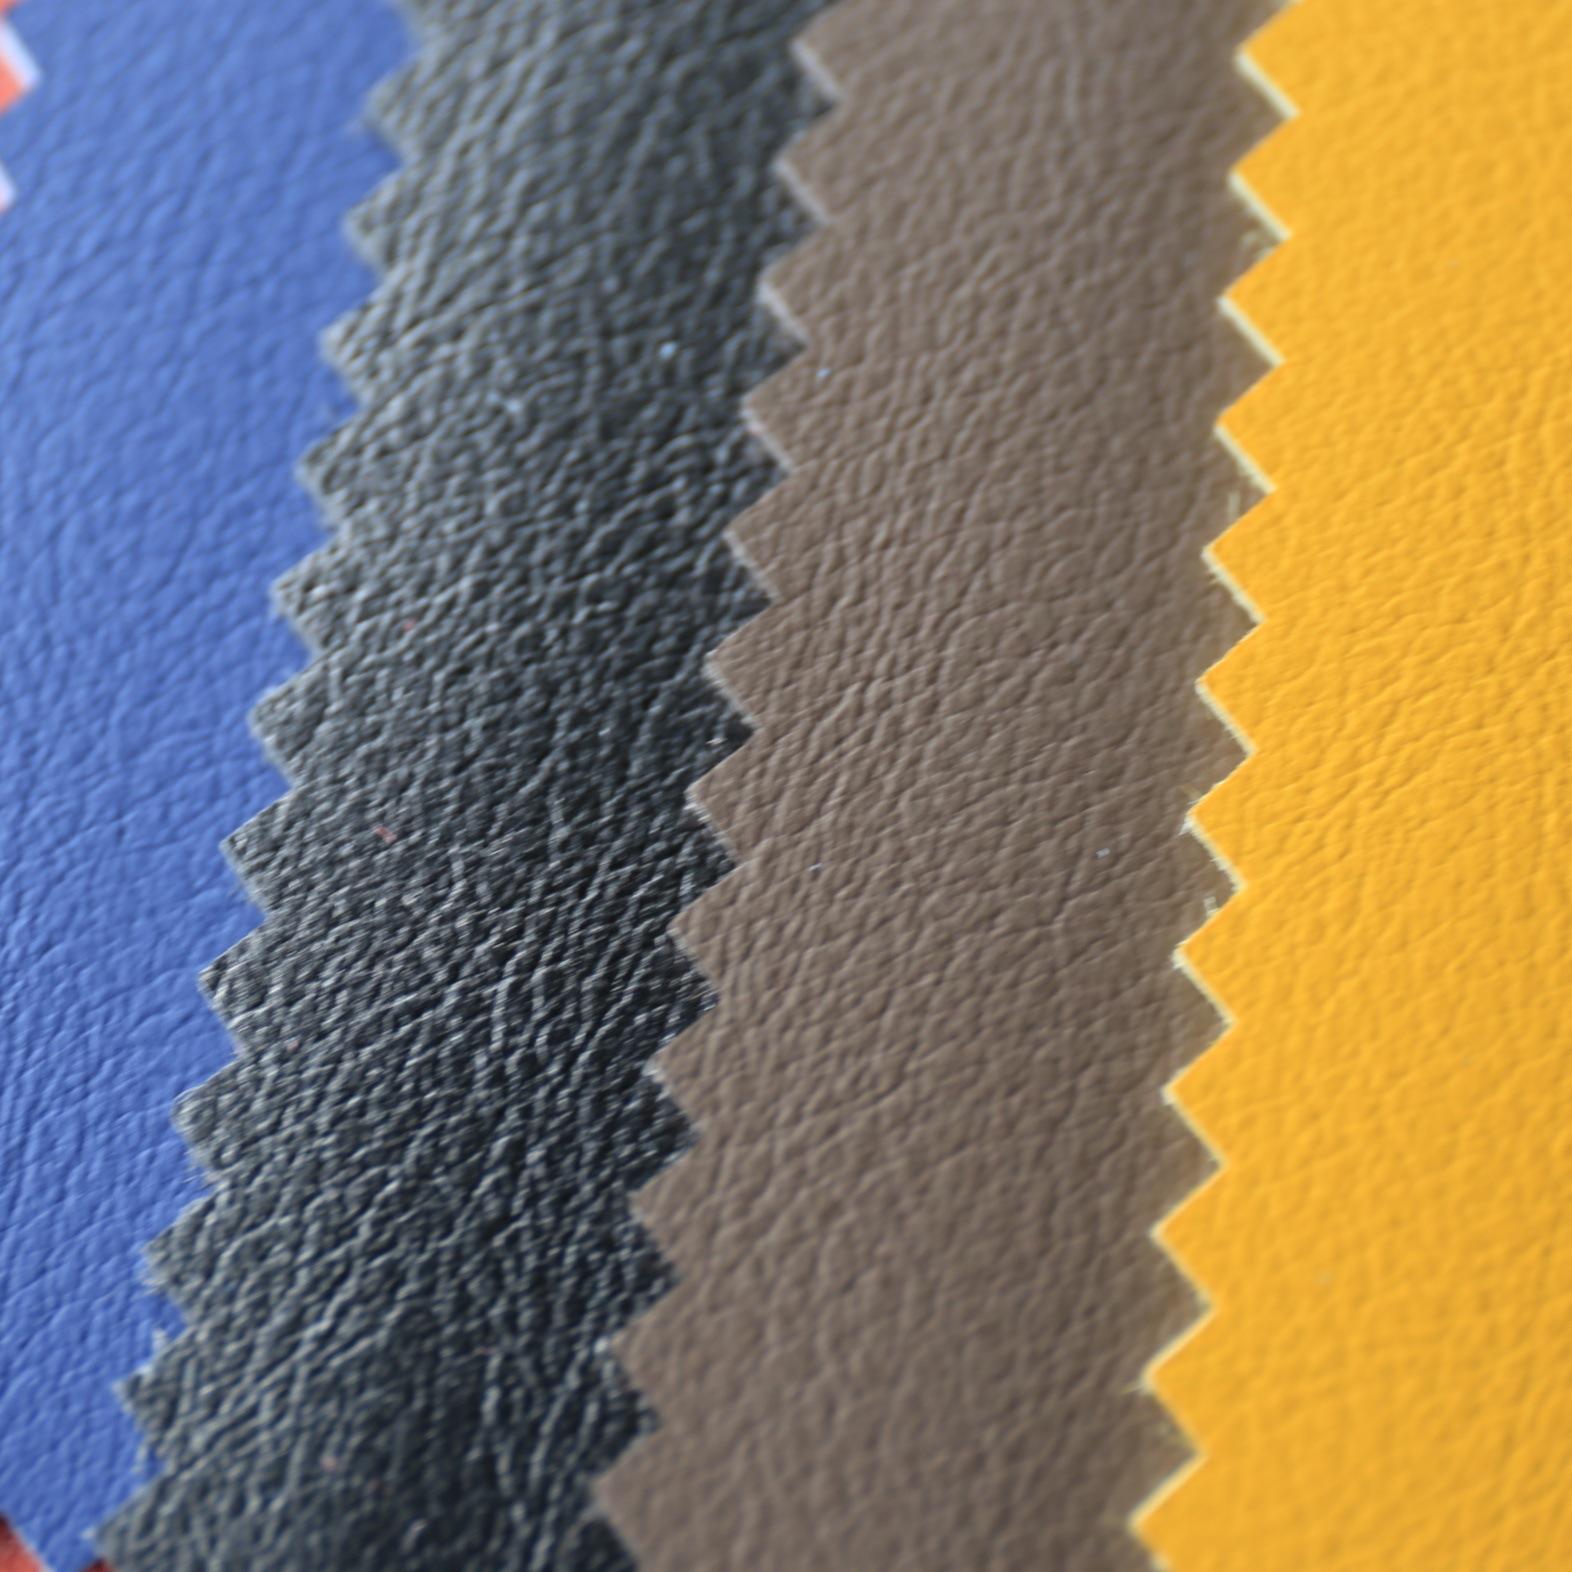 ZT Simili tổng hợp Da sợi nhỏ bán tại chỗ hạt mịn sợi nhỏ tổng hợp da thật sợi nhỏ sofa mềm túi giày